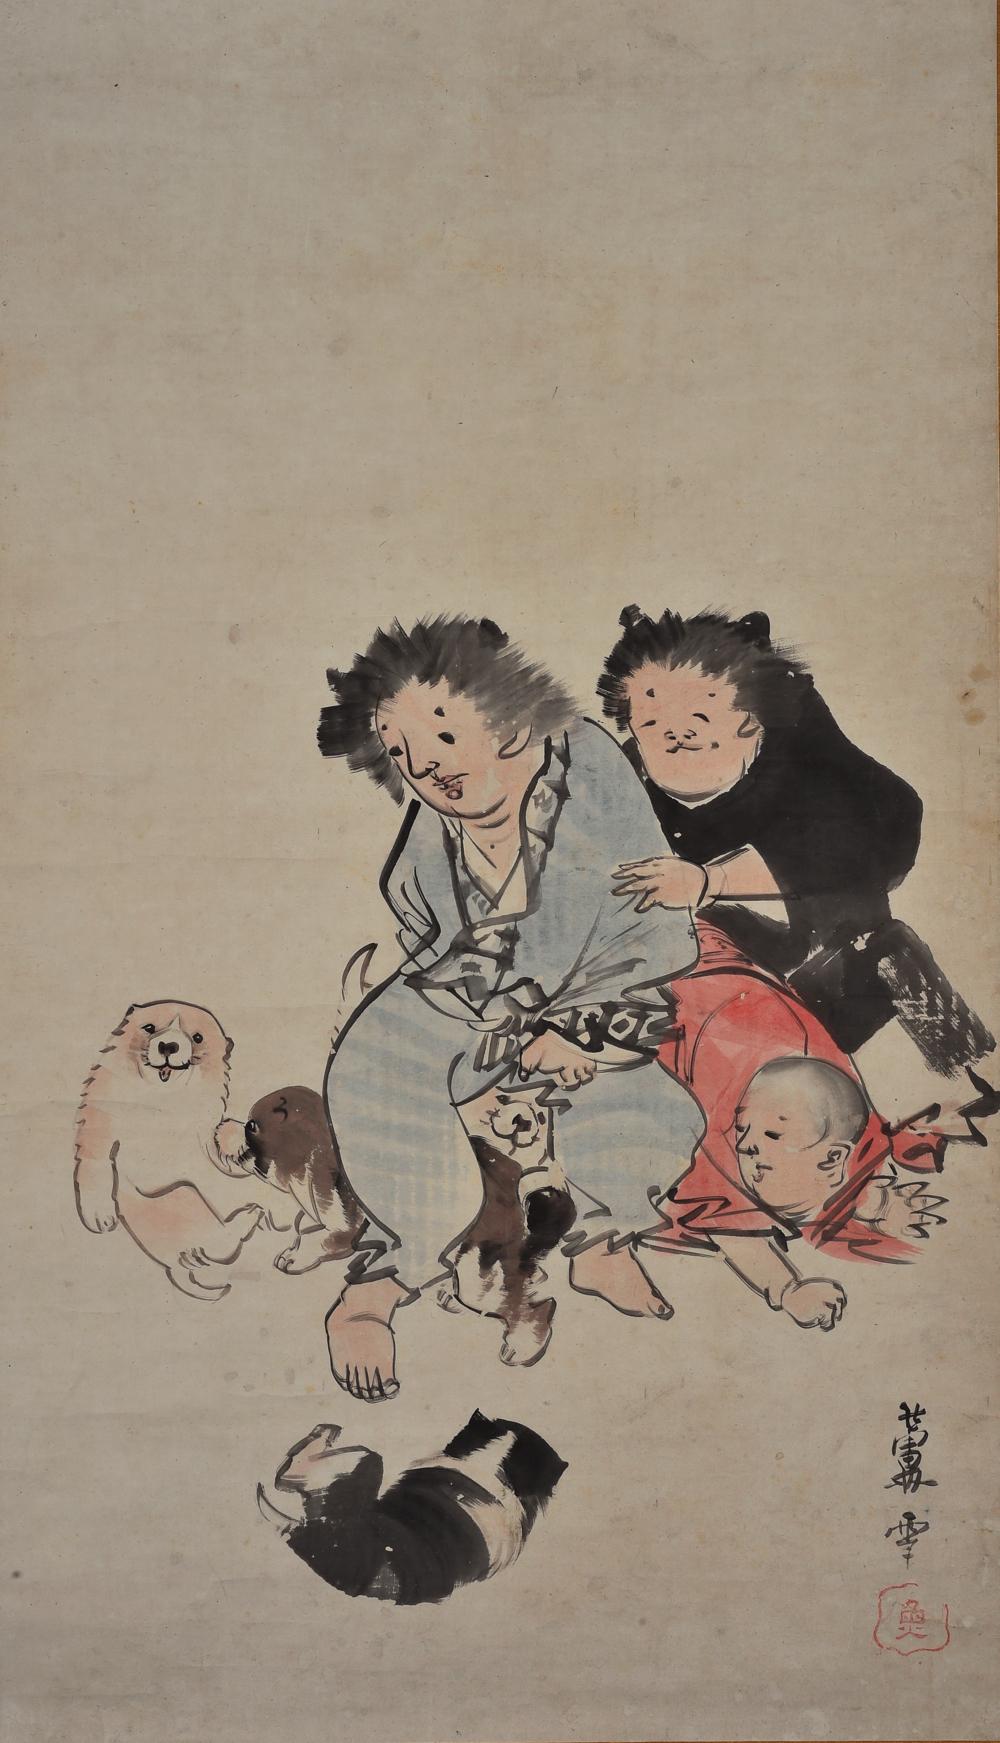 長澤蘆雪 《一笑図》(部分)同志社大学文化情報学部